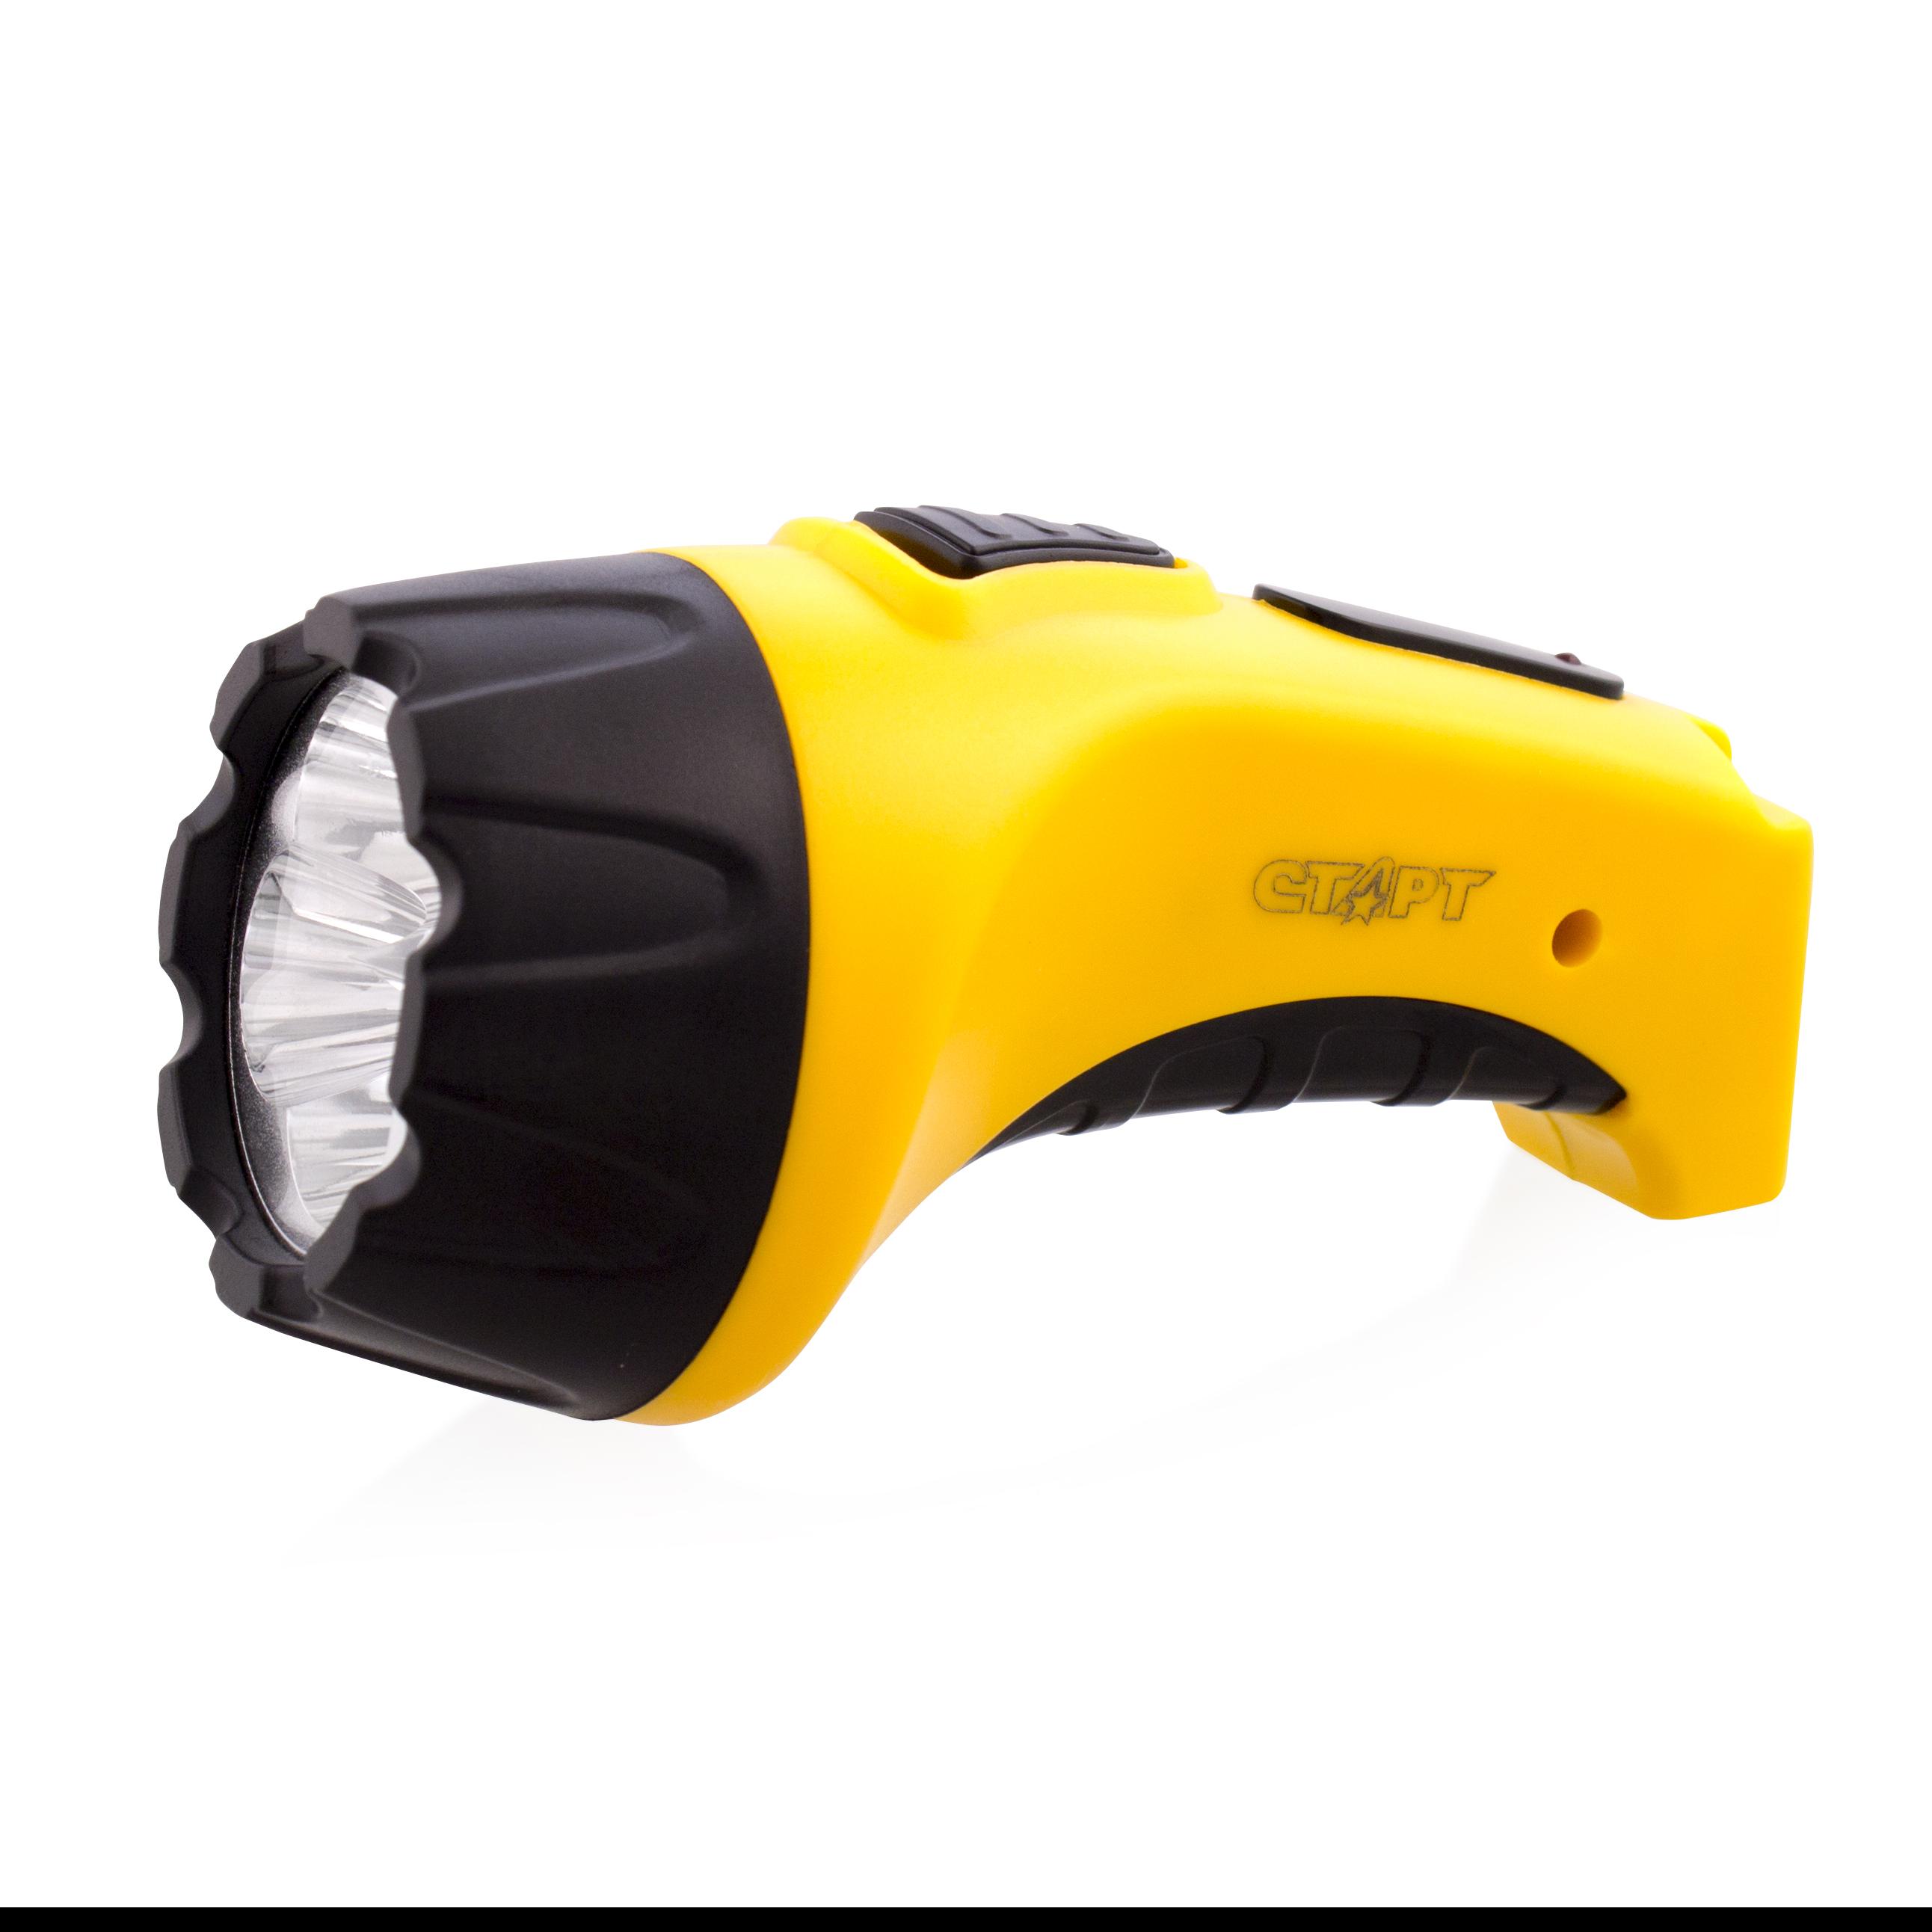 Ручной фонарь СТАРТ LHE 502-B1 Yellow, желтый